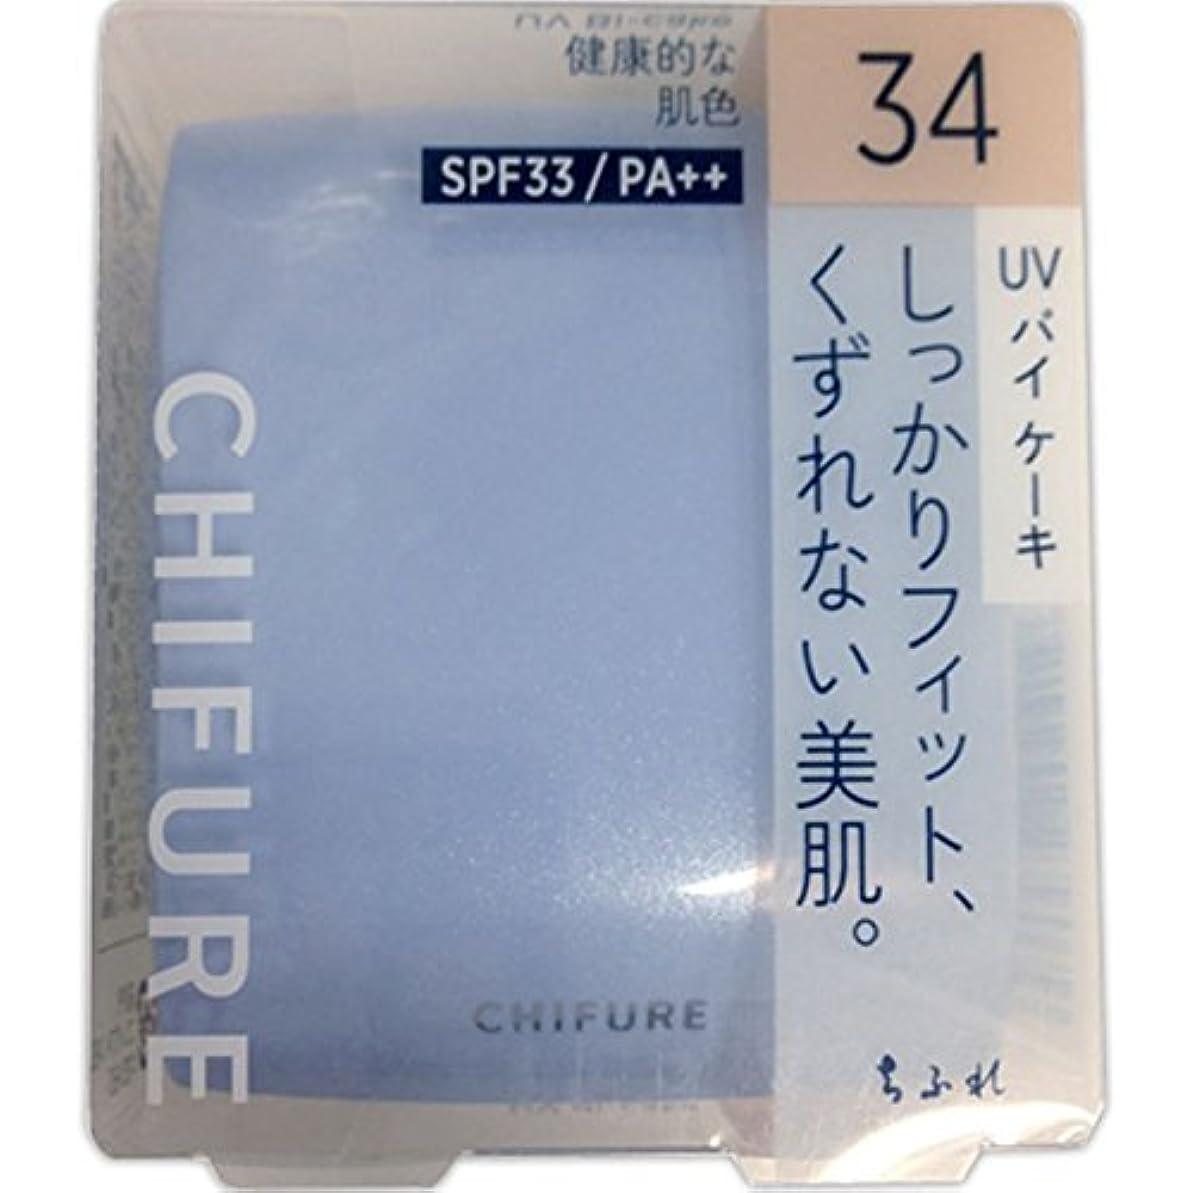 エゴイズム修復モックちふれ化粧品 UV バイ ケーキ(スポンジ入り) 34 健康的な肌色 14g